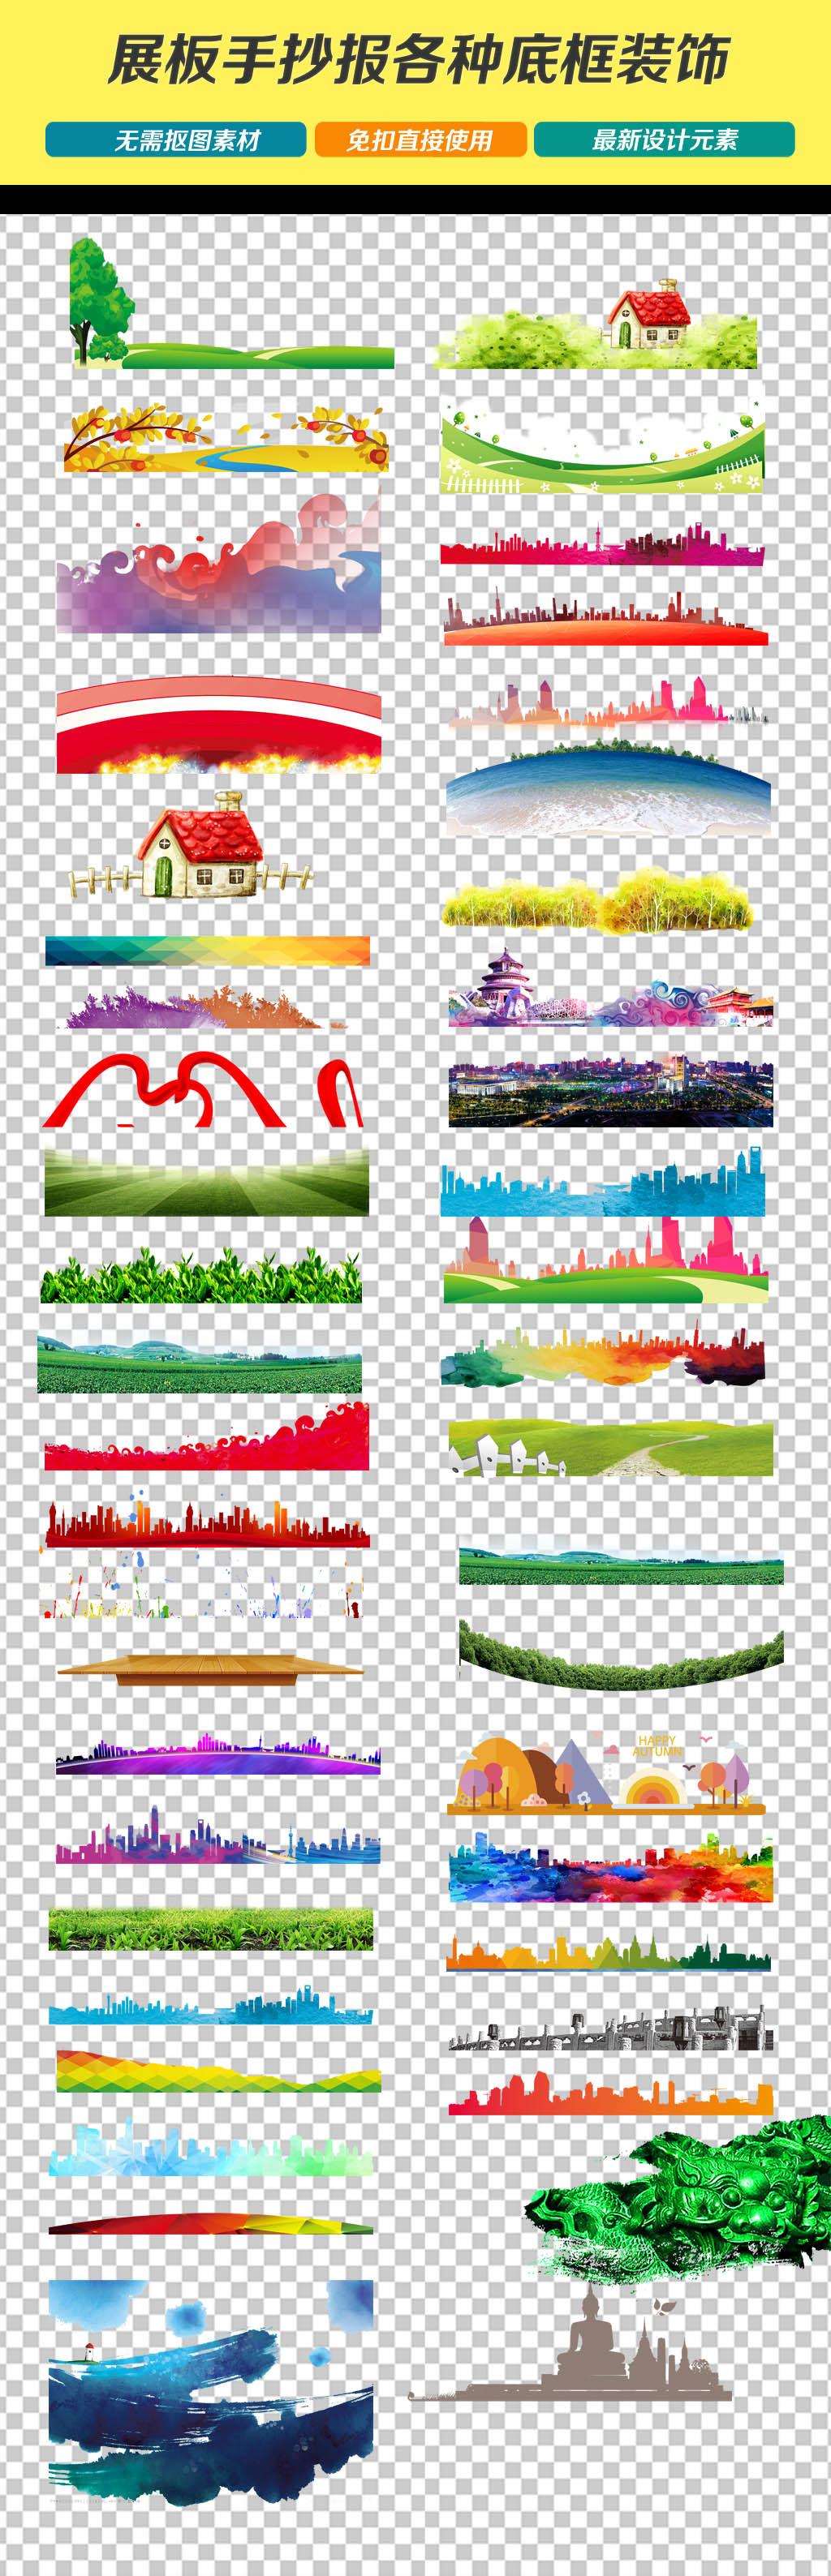 设计元素 其他 装饰图案 > 展板海报手抄报可爱边款png装饰点缀素材